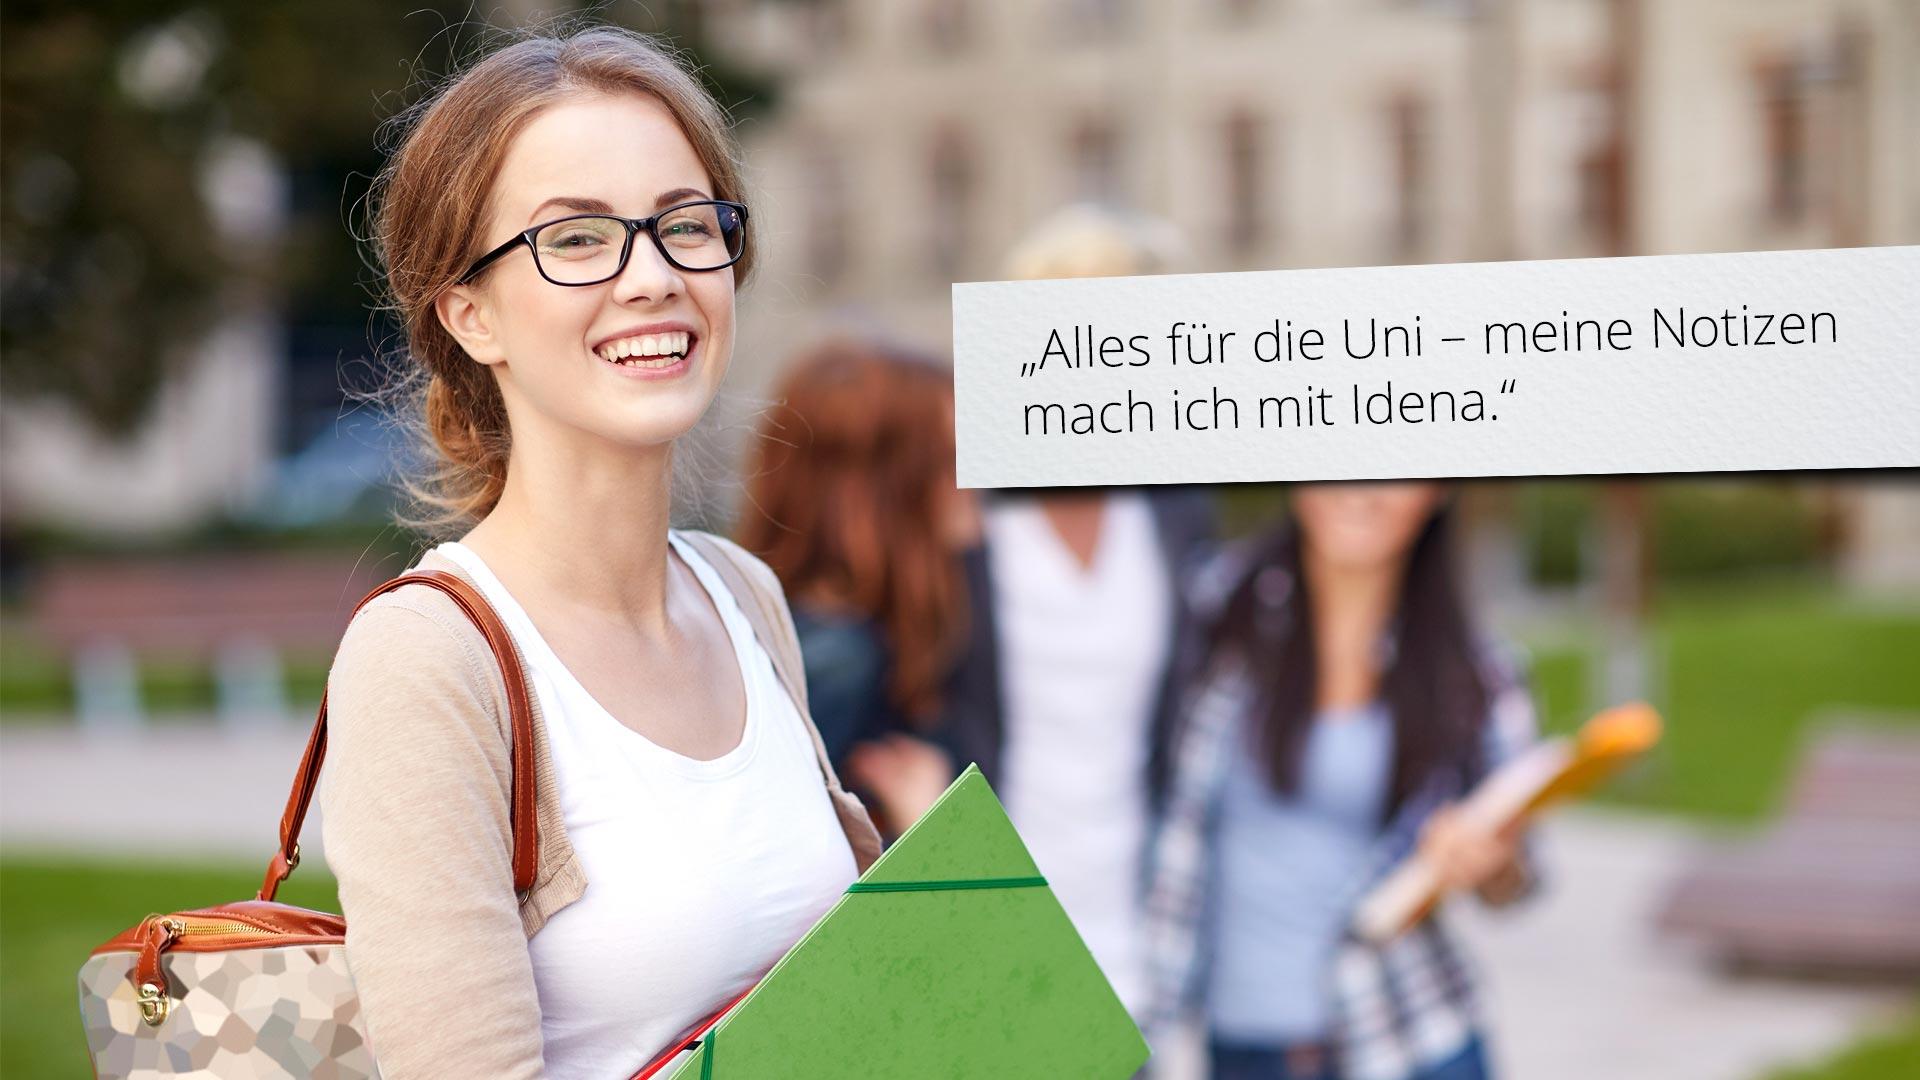 idena_slide_alles-fuer-die-uni.jpg